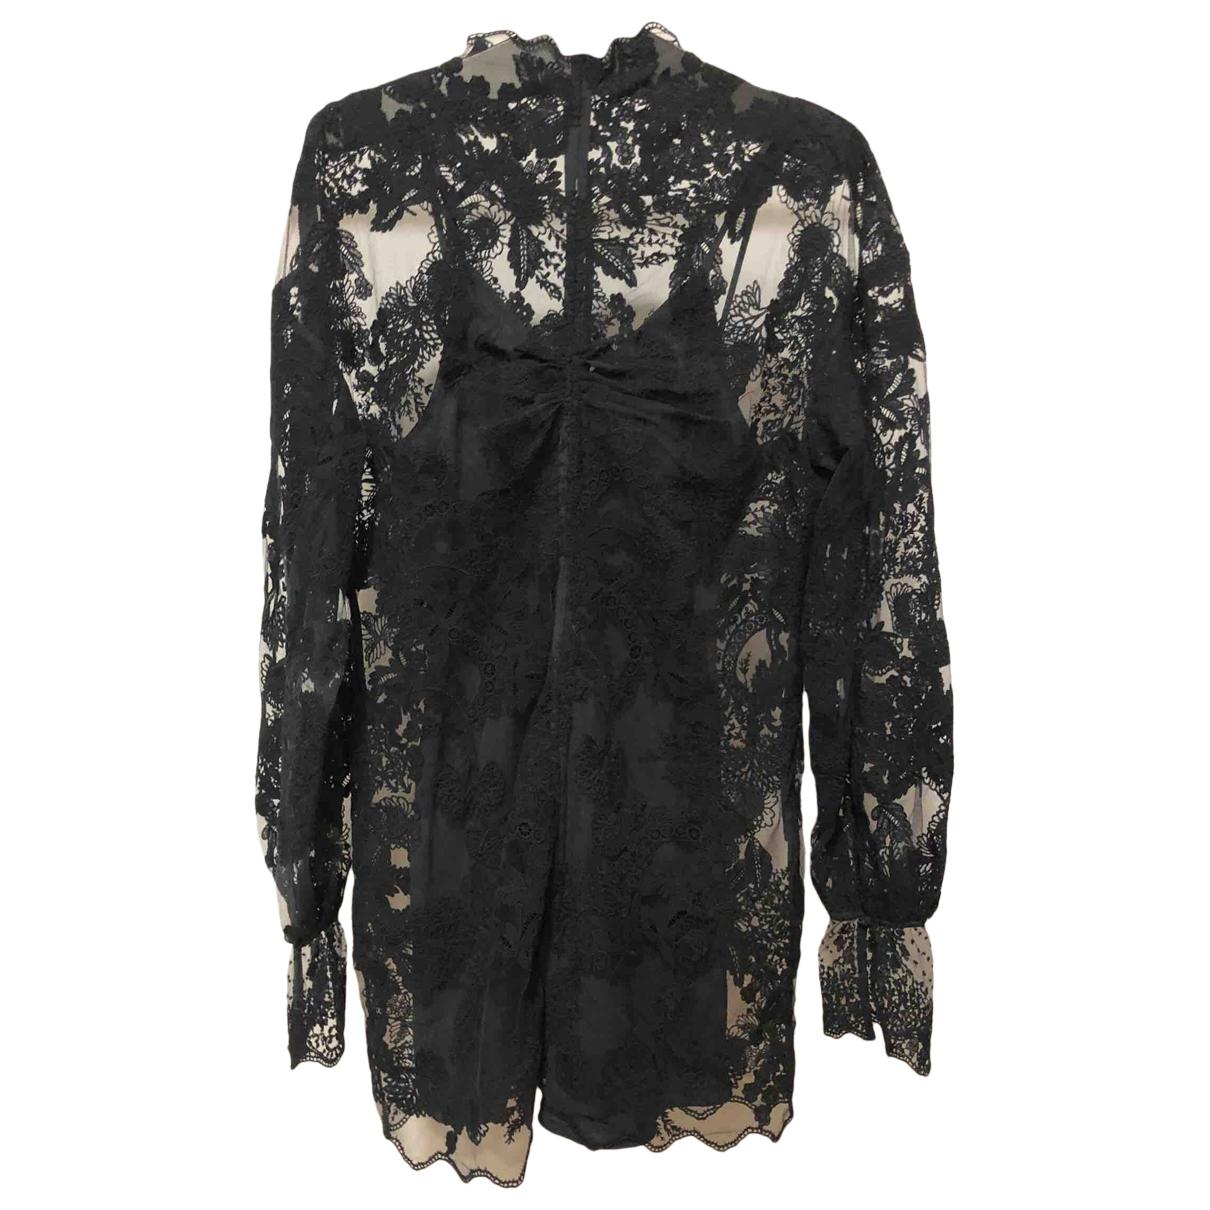 Hm Conscious Exclusive \N Kleid in  Schwarz Baumwolle - Elasthan